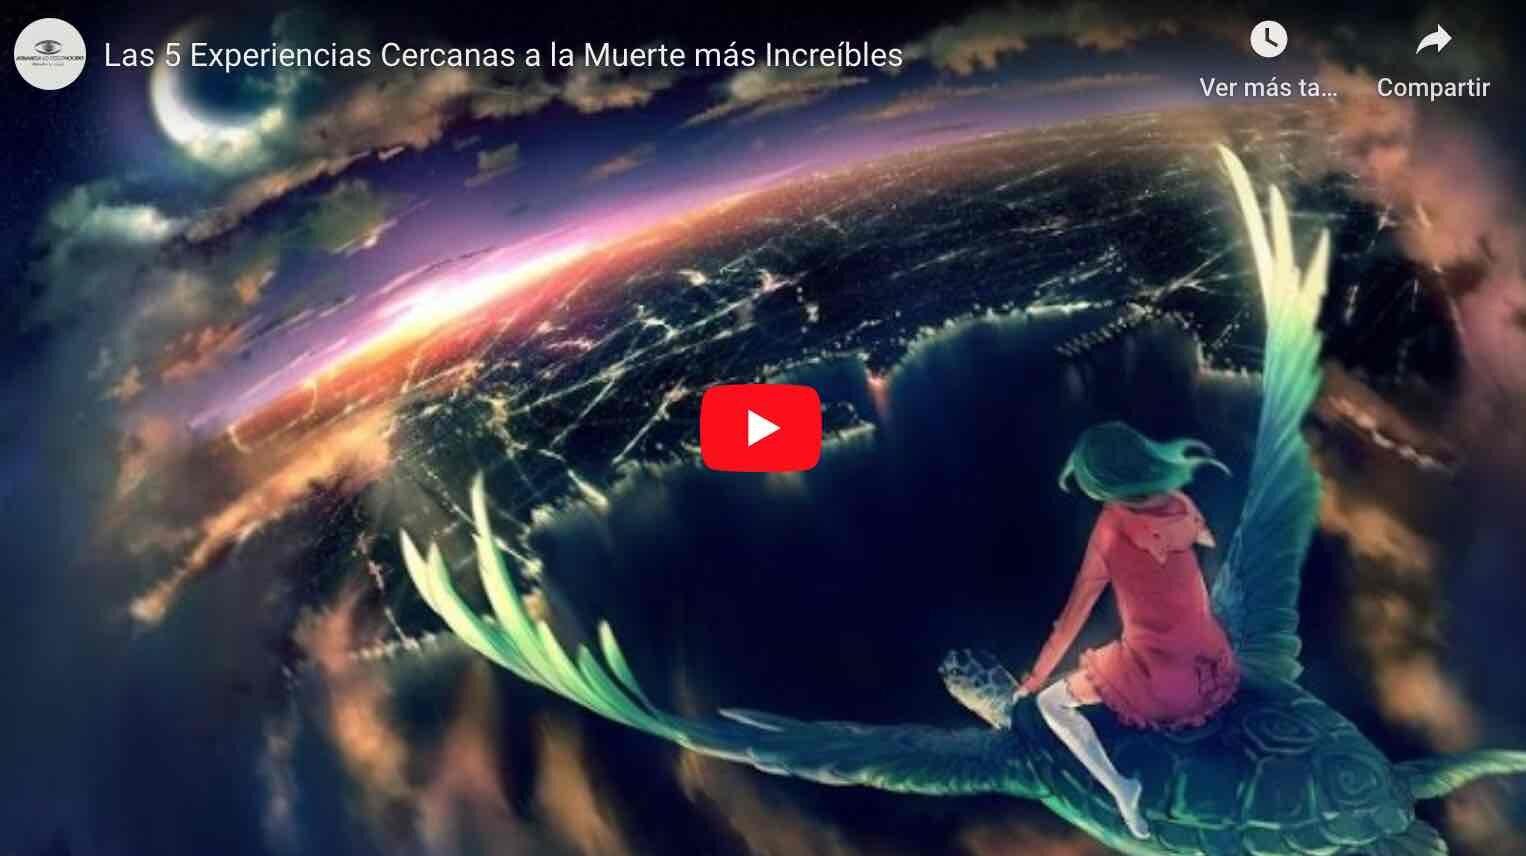 VIDEO: Las 5 Experiencias Cercanas a la Muerte más Increíbles